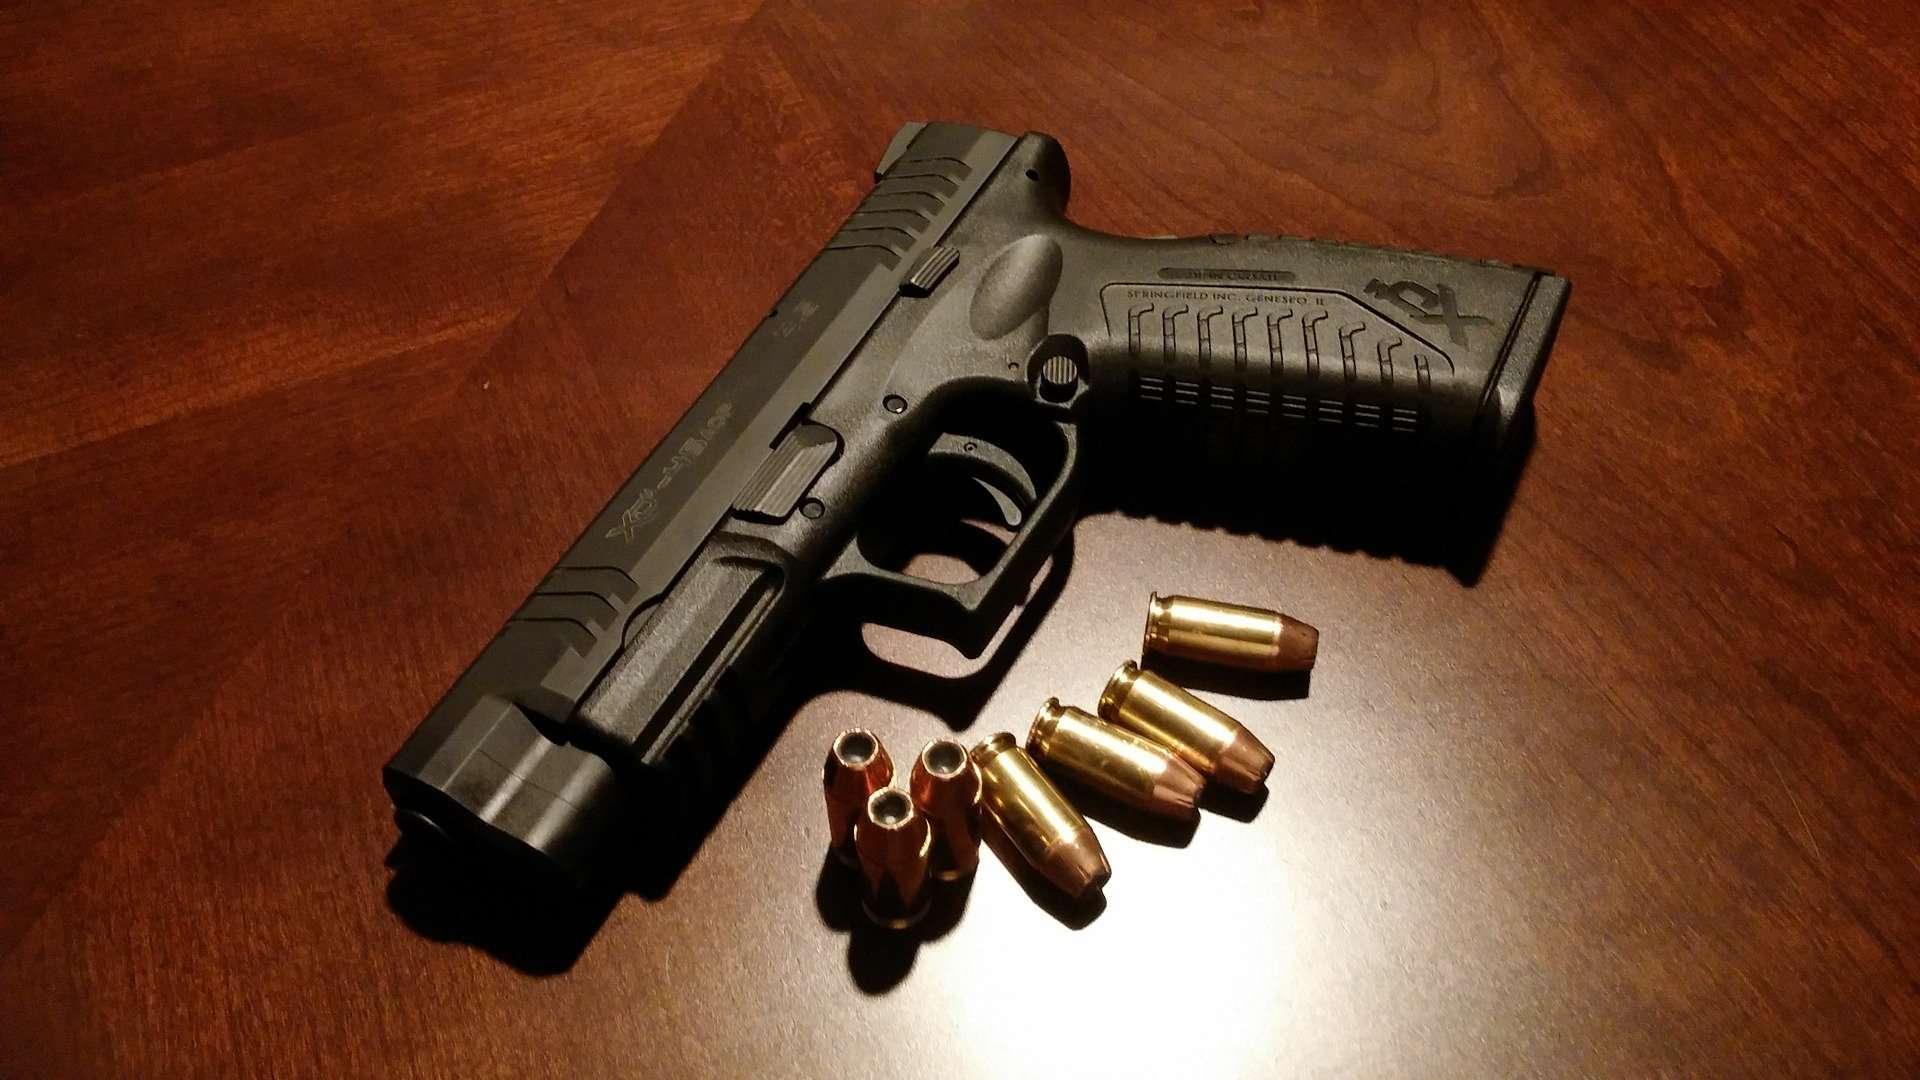 firearms control amendment bill